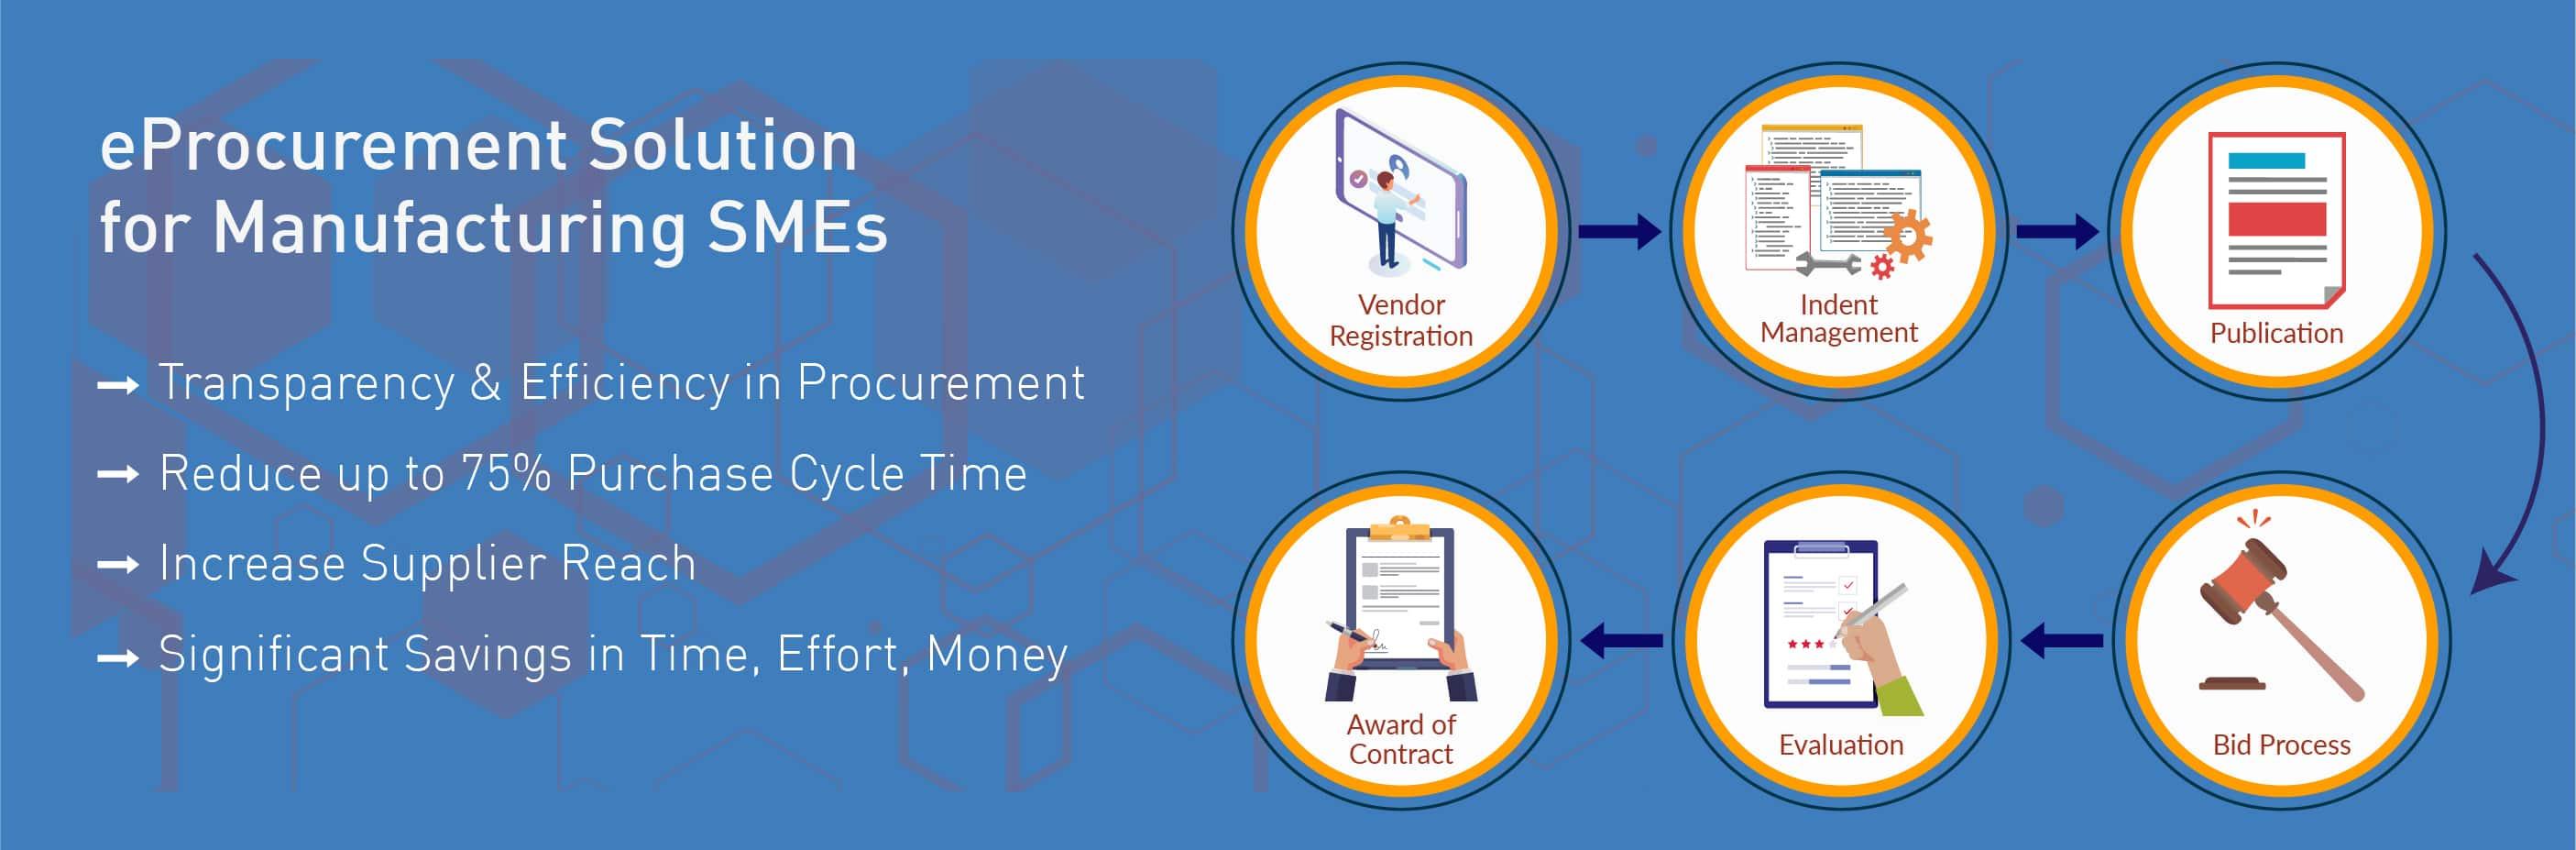 e-Procurement Solution